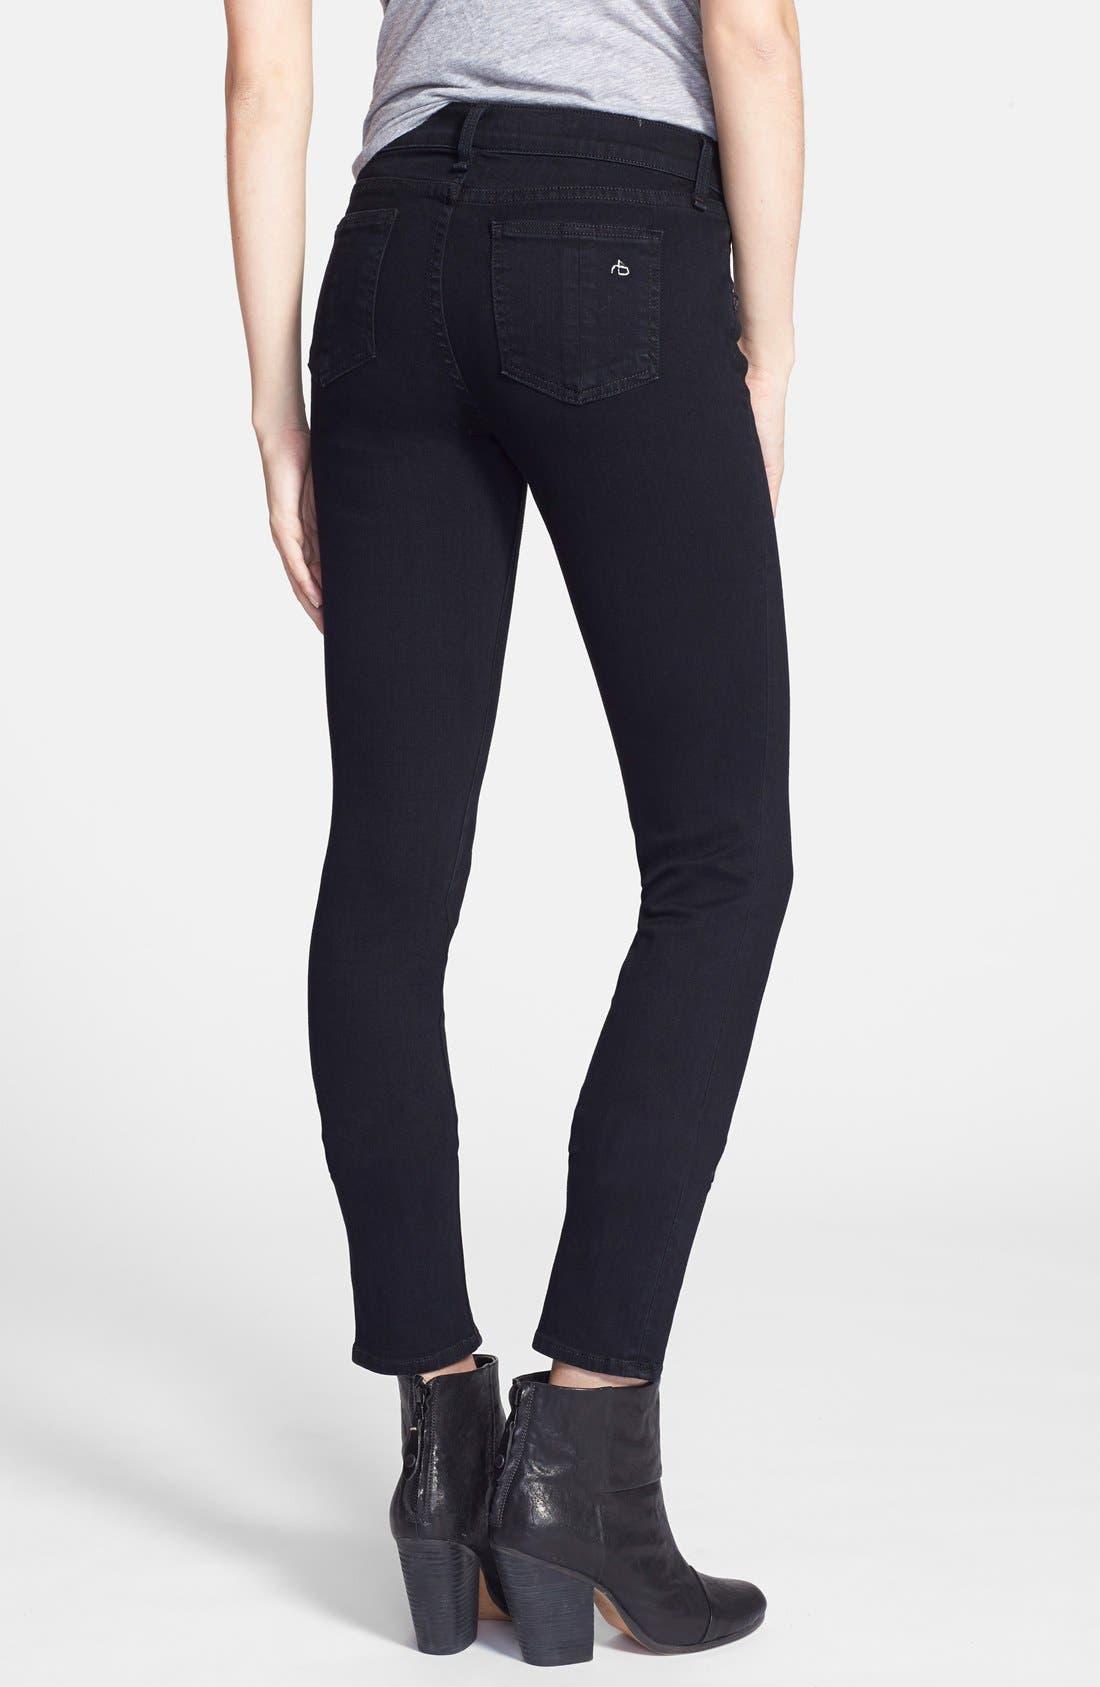 Alternate Image 2  - rag & bone/JEAN 'The Skinny' Stretch Jeans (Coal)